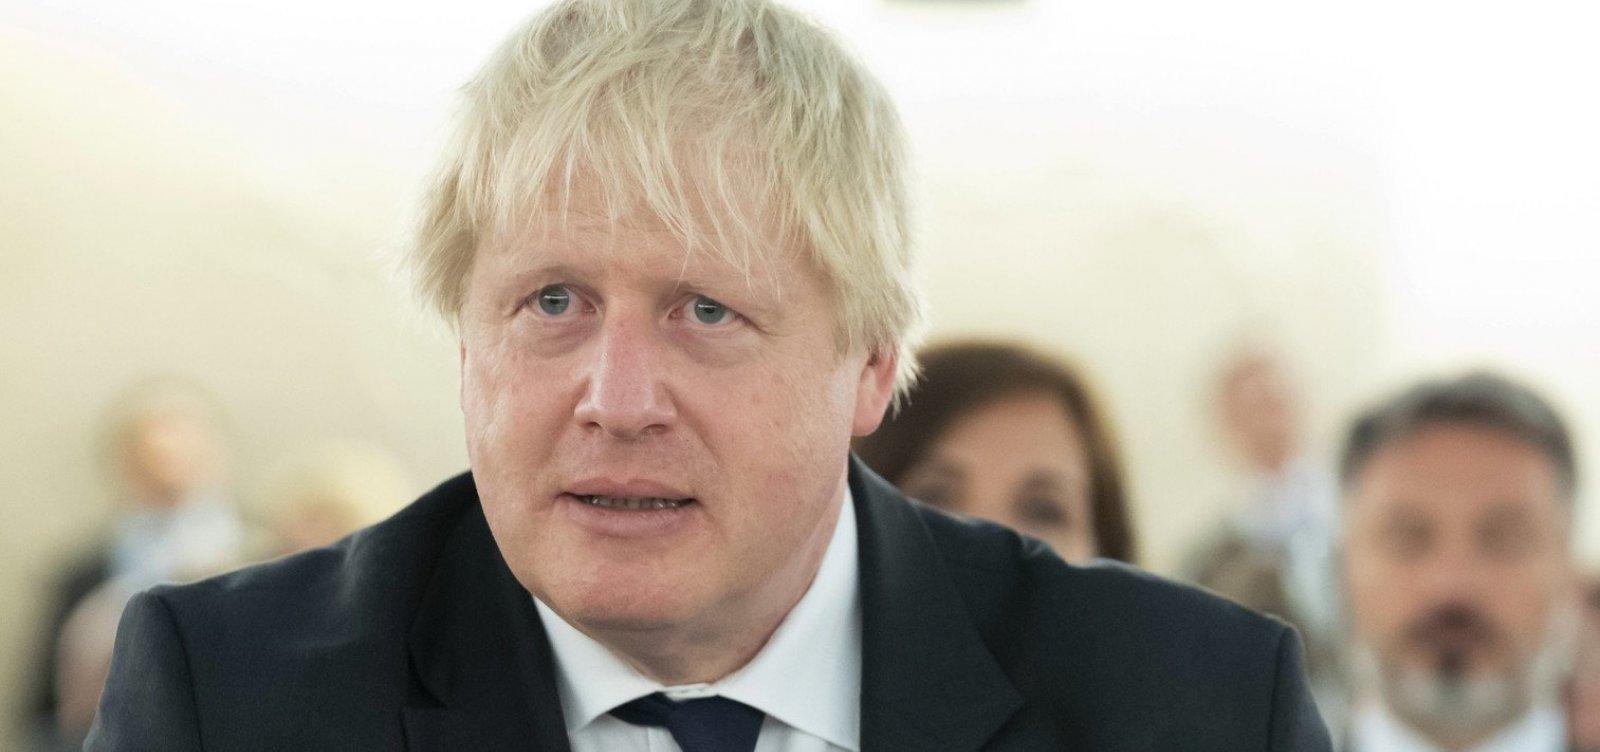 [Primeiro-ministro do Reino Unido pede mais um adiamento do Brexit]